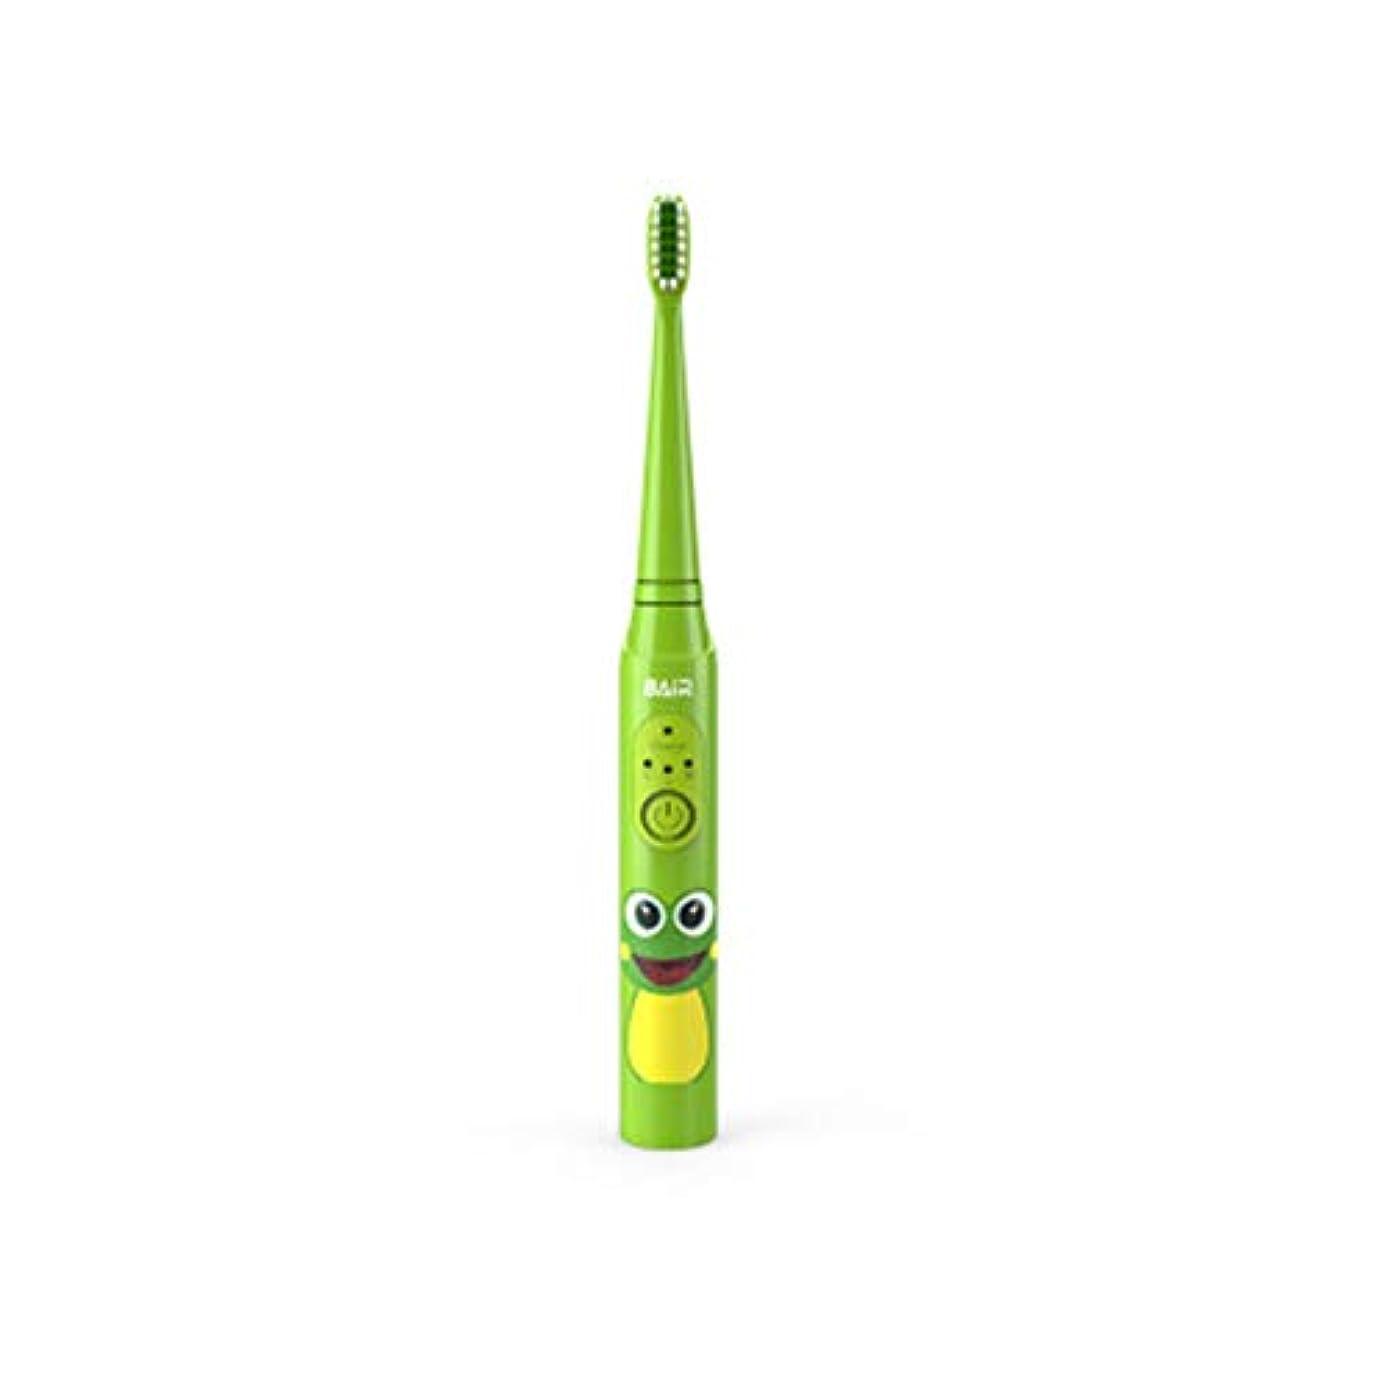 順応性のある注釈歯子供のためのインテリジェントな子供用電動歯ブラシ、充電式音波電動歯ブラシ、明るい白い歯、歯茎のケア、交換可能なブラシヘッド-green